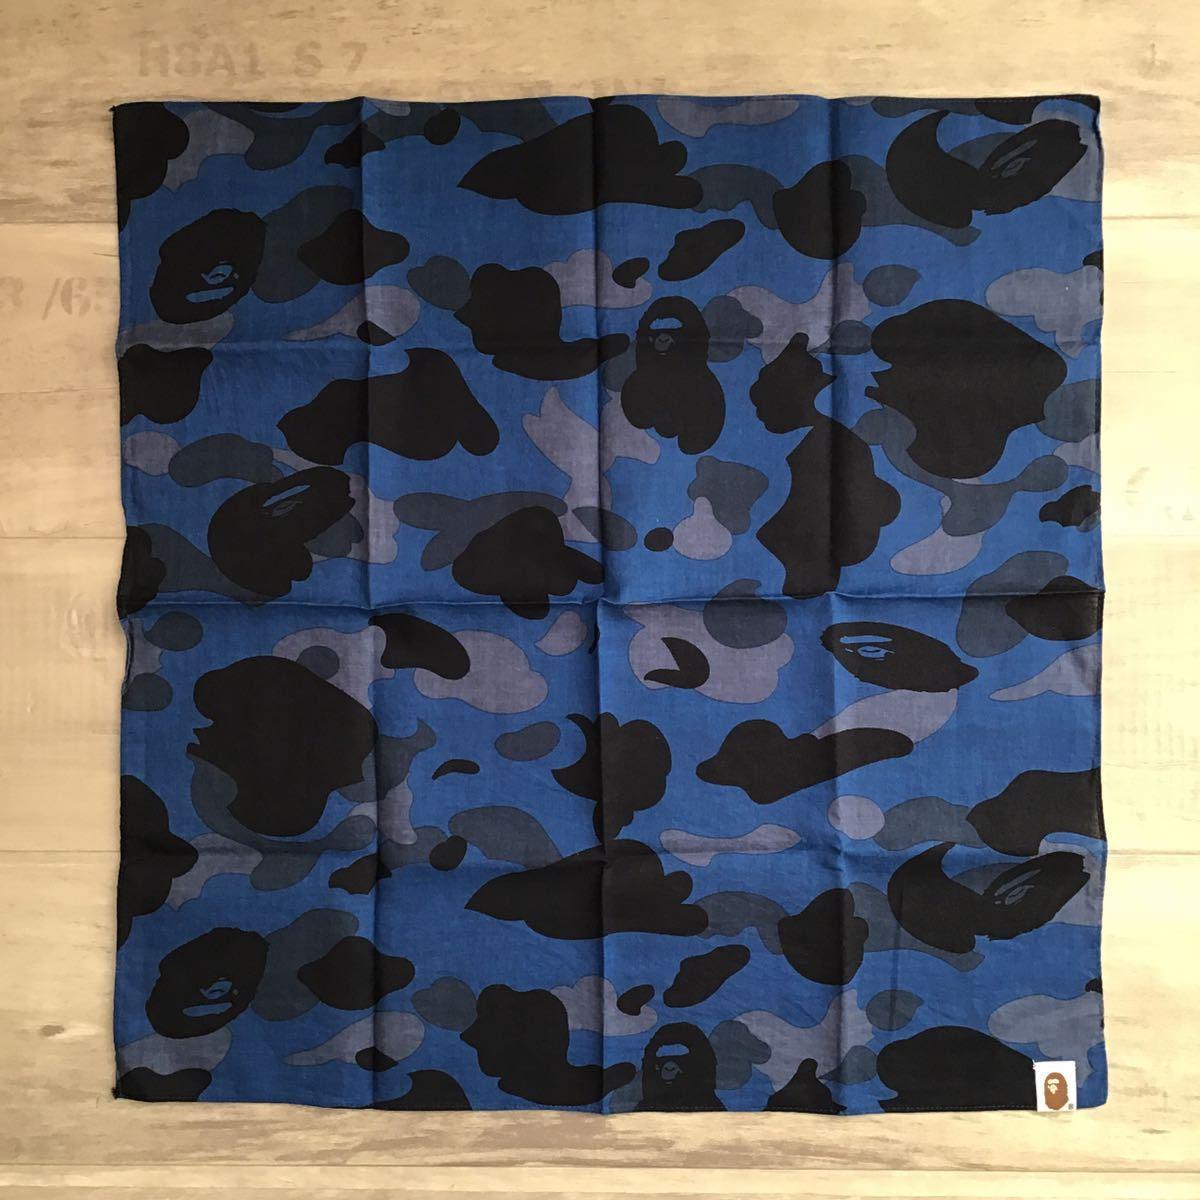 blue camo バンダナ a bathing ape BAPE エイプ ベイプ アベイシングエイプ bandana 迷彩 ブルーカモ 5215